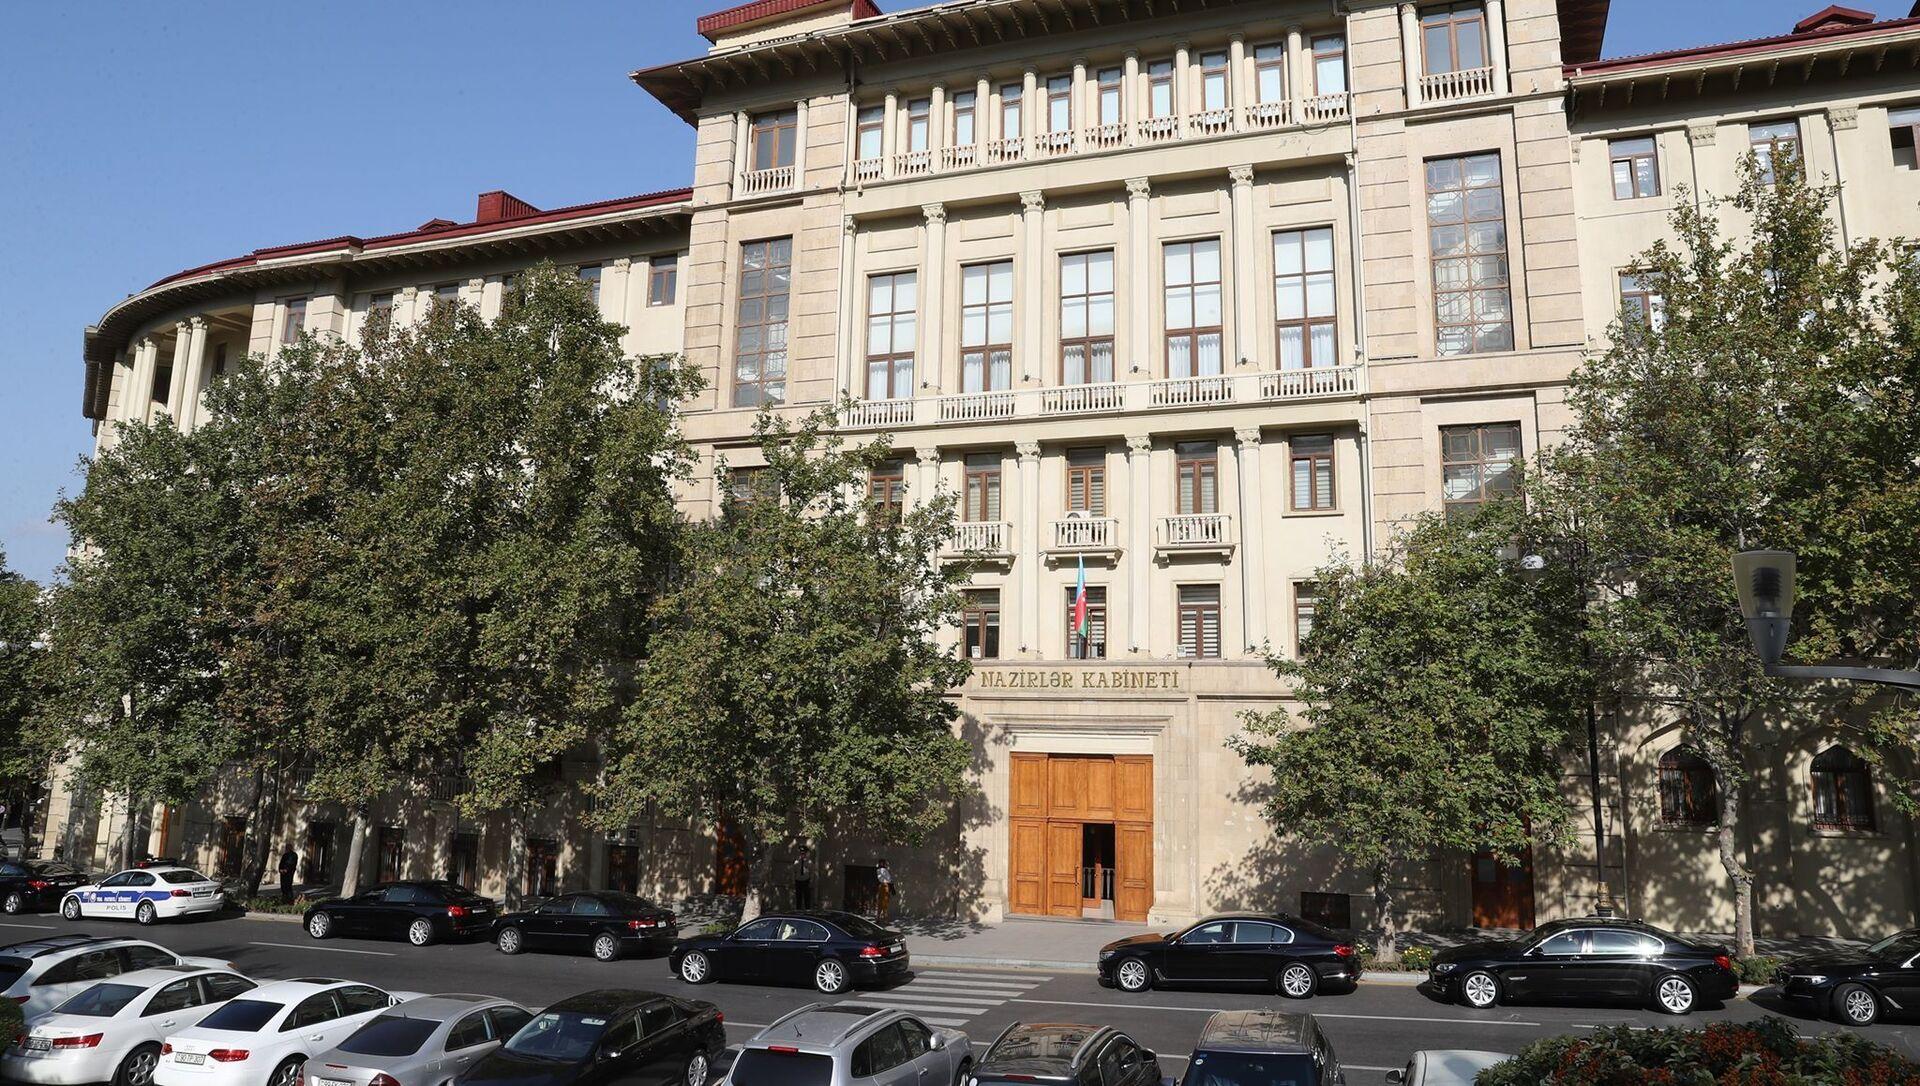 Кабинета Министров Азербайджанской Республики, фото из архива - Sputnik Азербайджан, 1920, 28.08.2021